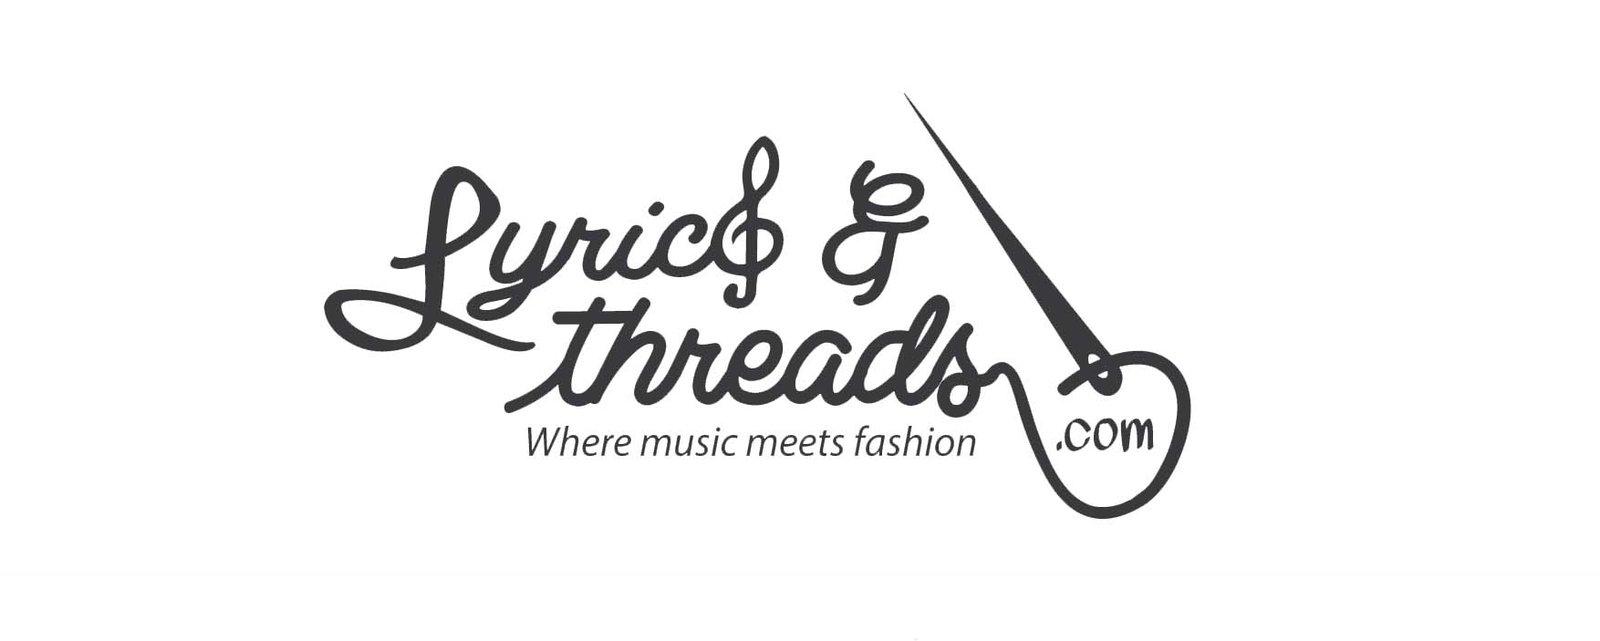 Lyricsandthreads